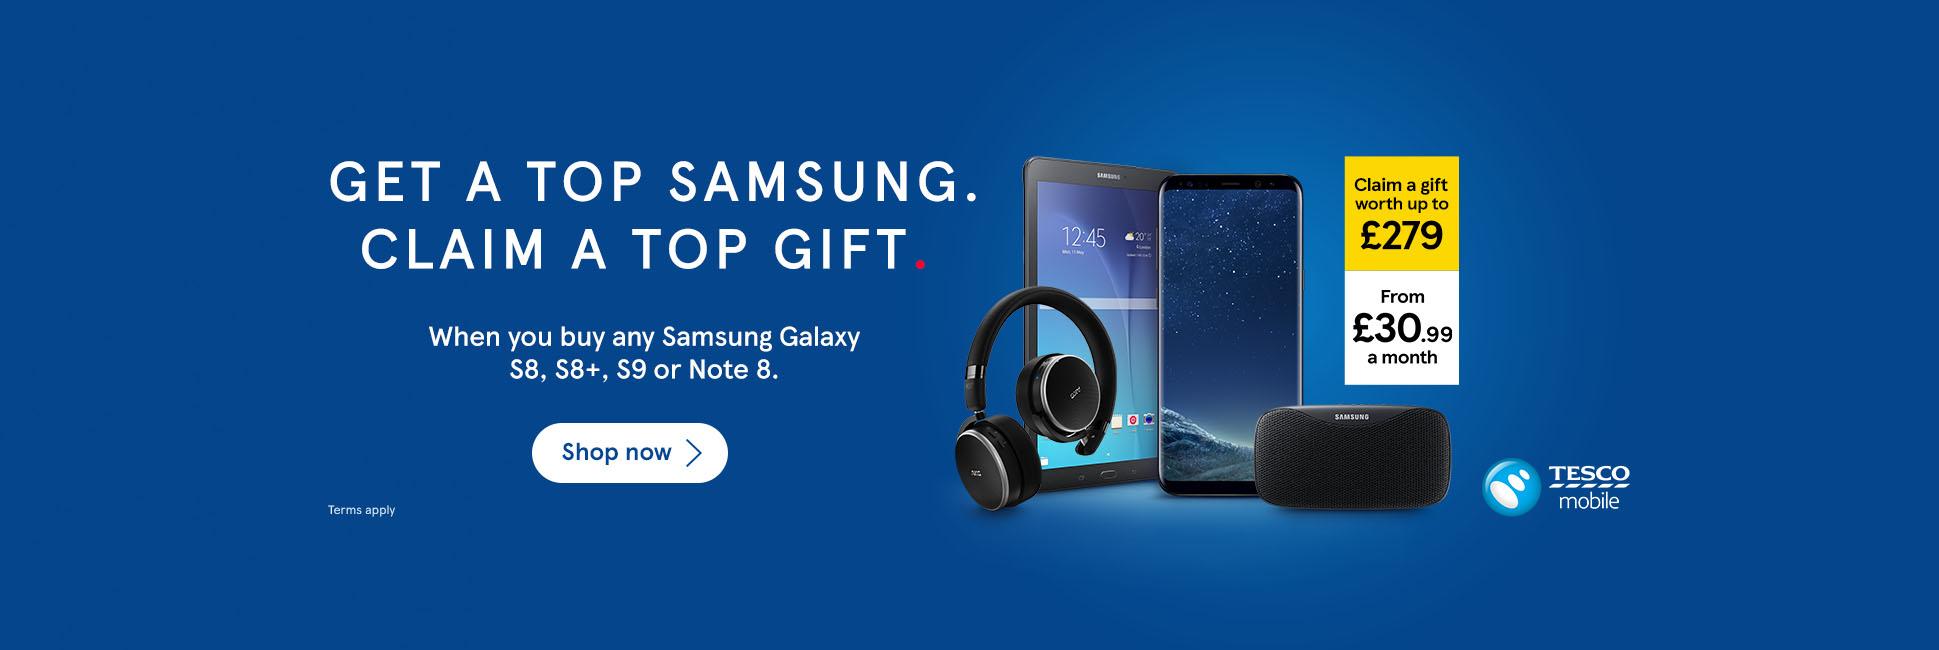 Samsung Gifiting